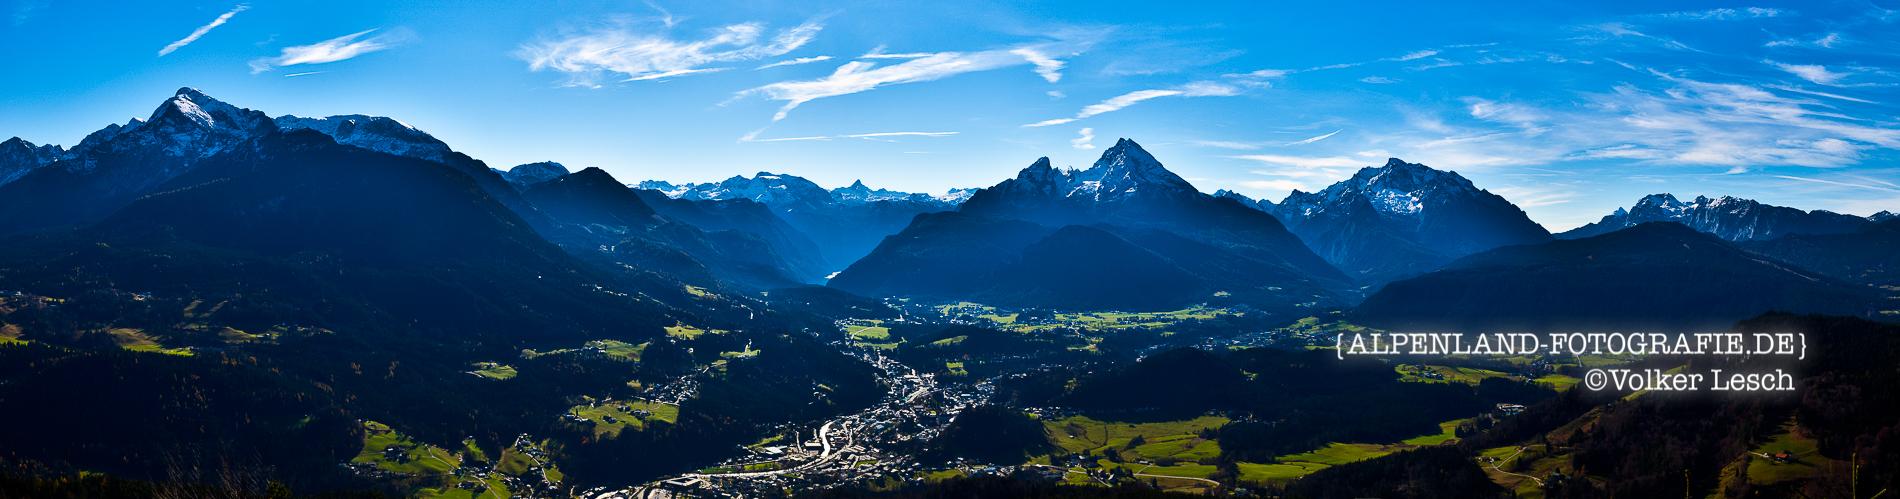 Berchtesgaden Panorama